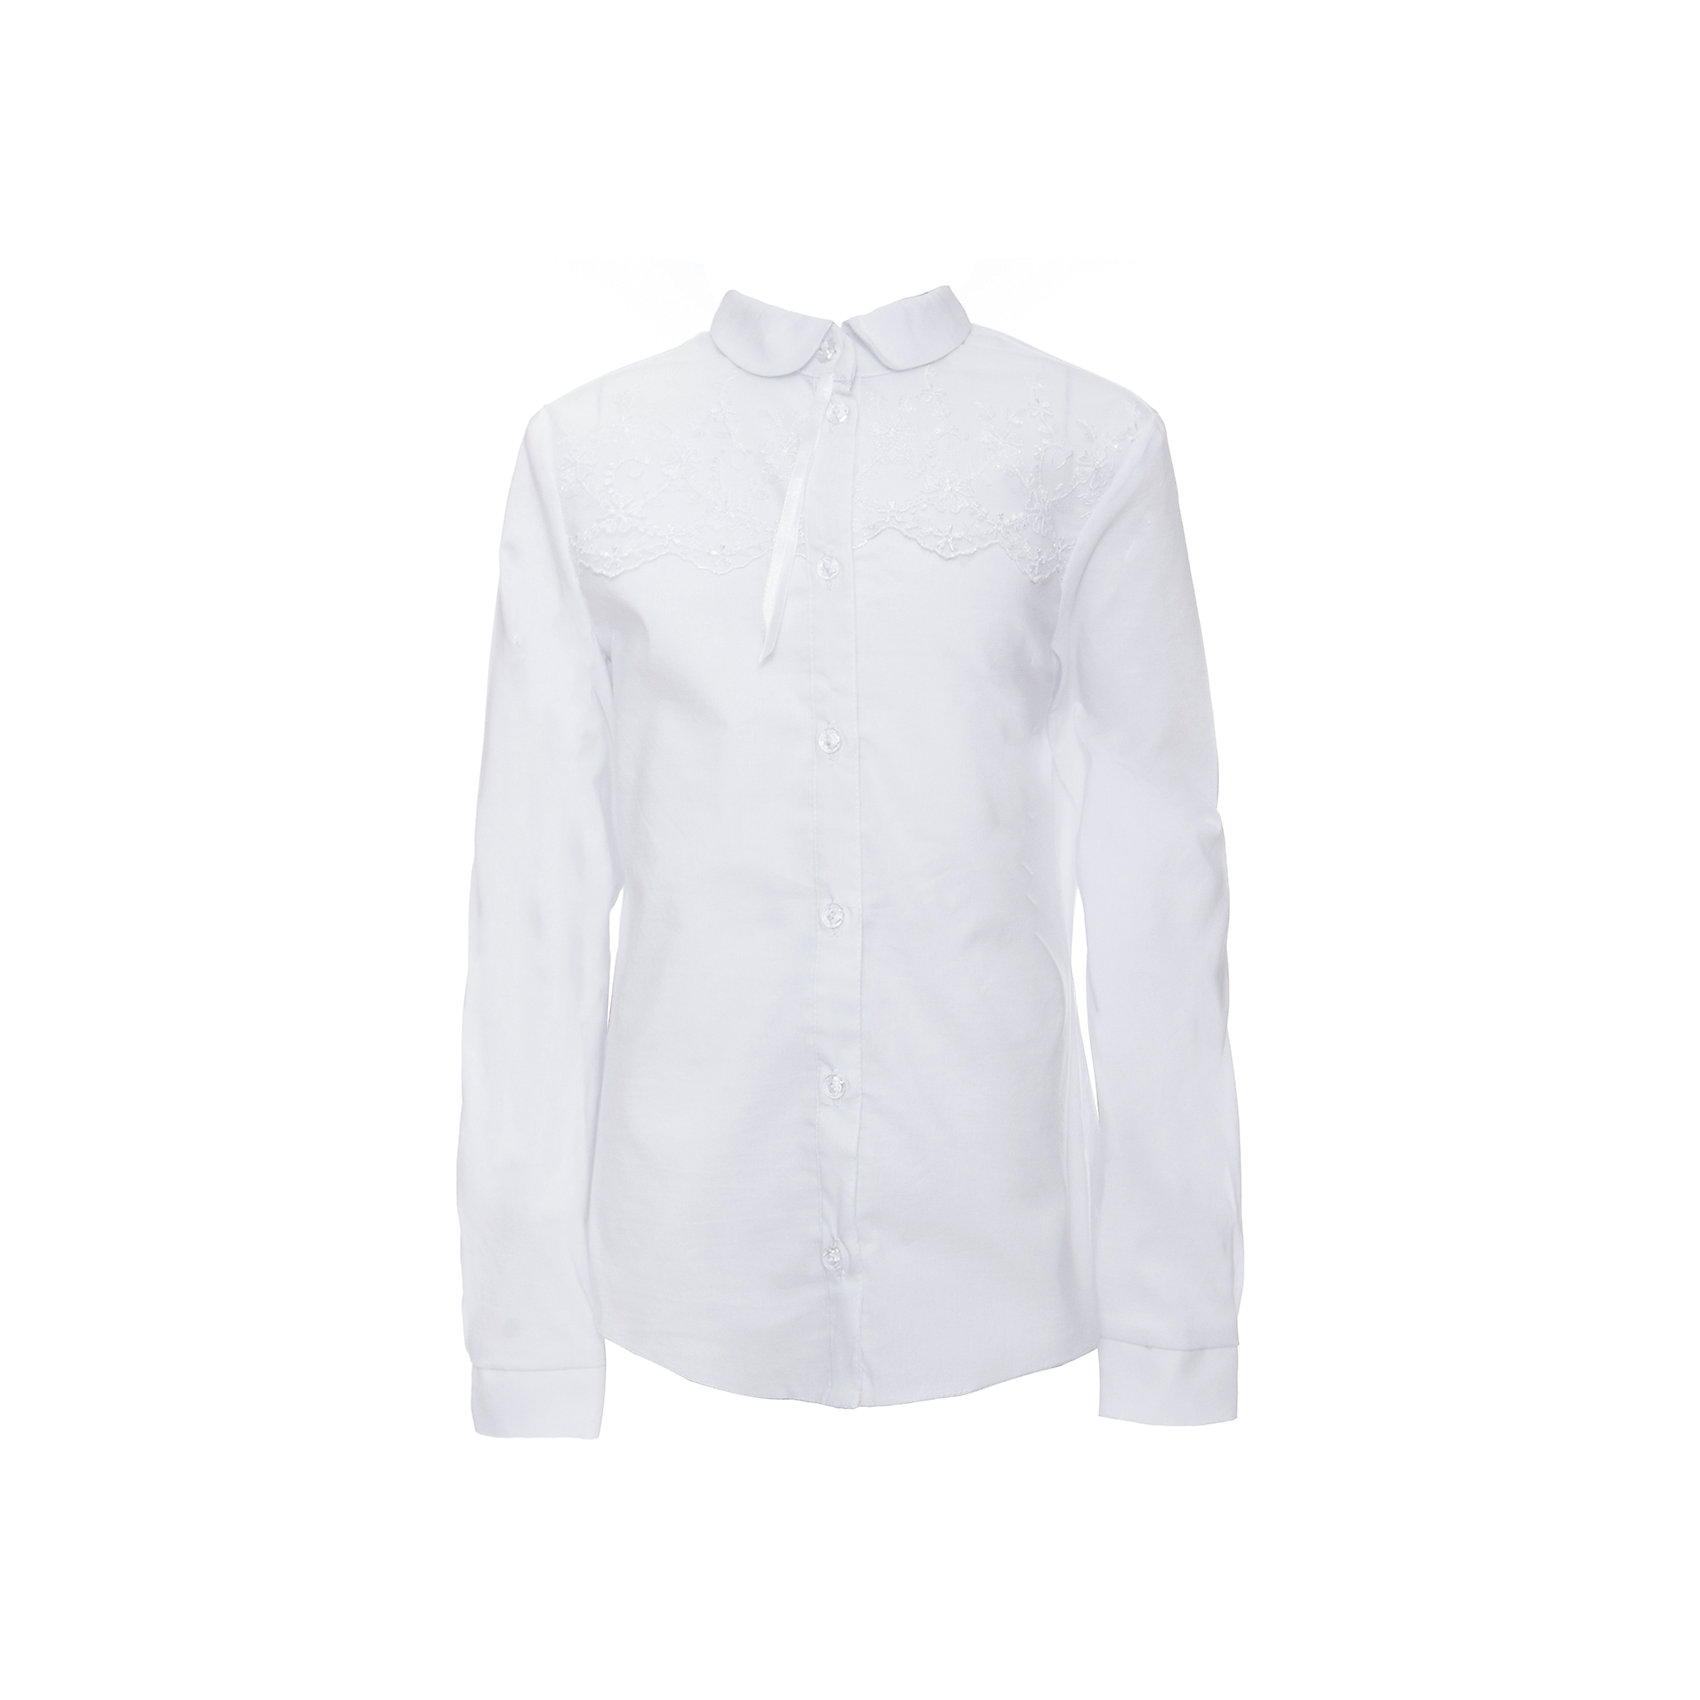 Блузка для девочки СменаБлузки и рубашки<br>Характеристики товара:<br><br>• цвет: белый<br>• состав ткани: 70% хлопок, 27% полиэстер, 3% полиуретан<br>• сезон: круглый год<br>• особенности модели: нарядная, школьная<br>• застежка: на пуговицах<br>• с длинным рукавом<br>• страна бренда: Россия<br>• страна изготовитель: Россия<br><br>Блузка для девочки Смена выполнена из однотонной ткани с добавлением хлопка. Застегивается на пуговицы.<br><br>Российский бренд Смена давно известен отечественным покупателям. Одежда от него отличается высоким качеством, есть широкая линейка современной одежды для школы.<br><br>Блузку для девочки Смена можно купить в нашем интернет-магазине.<br><br>Ширина мм: 186<br>Глубина мм: 87<br>Высота мм: 198<br>Вес г: 197<br>Цвет: белый<br>Возраст от месяцев: 156<br>Возраст до месяцев: 168<br>Пол: Женский<br>Возраст: Детский<br>Размер: 164,146,152,158<br>SKU: 6683919